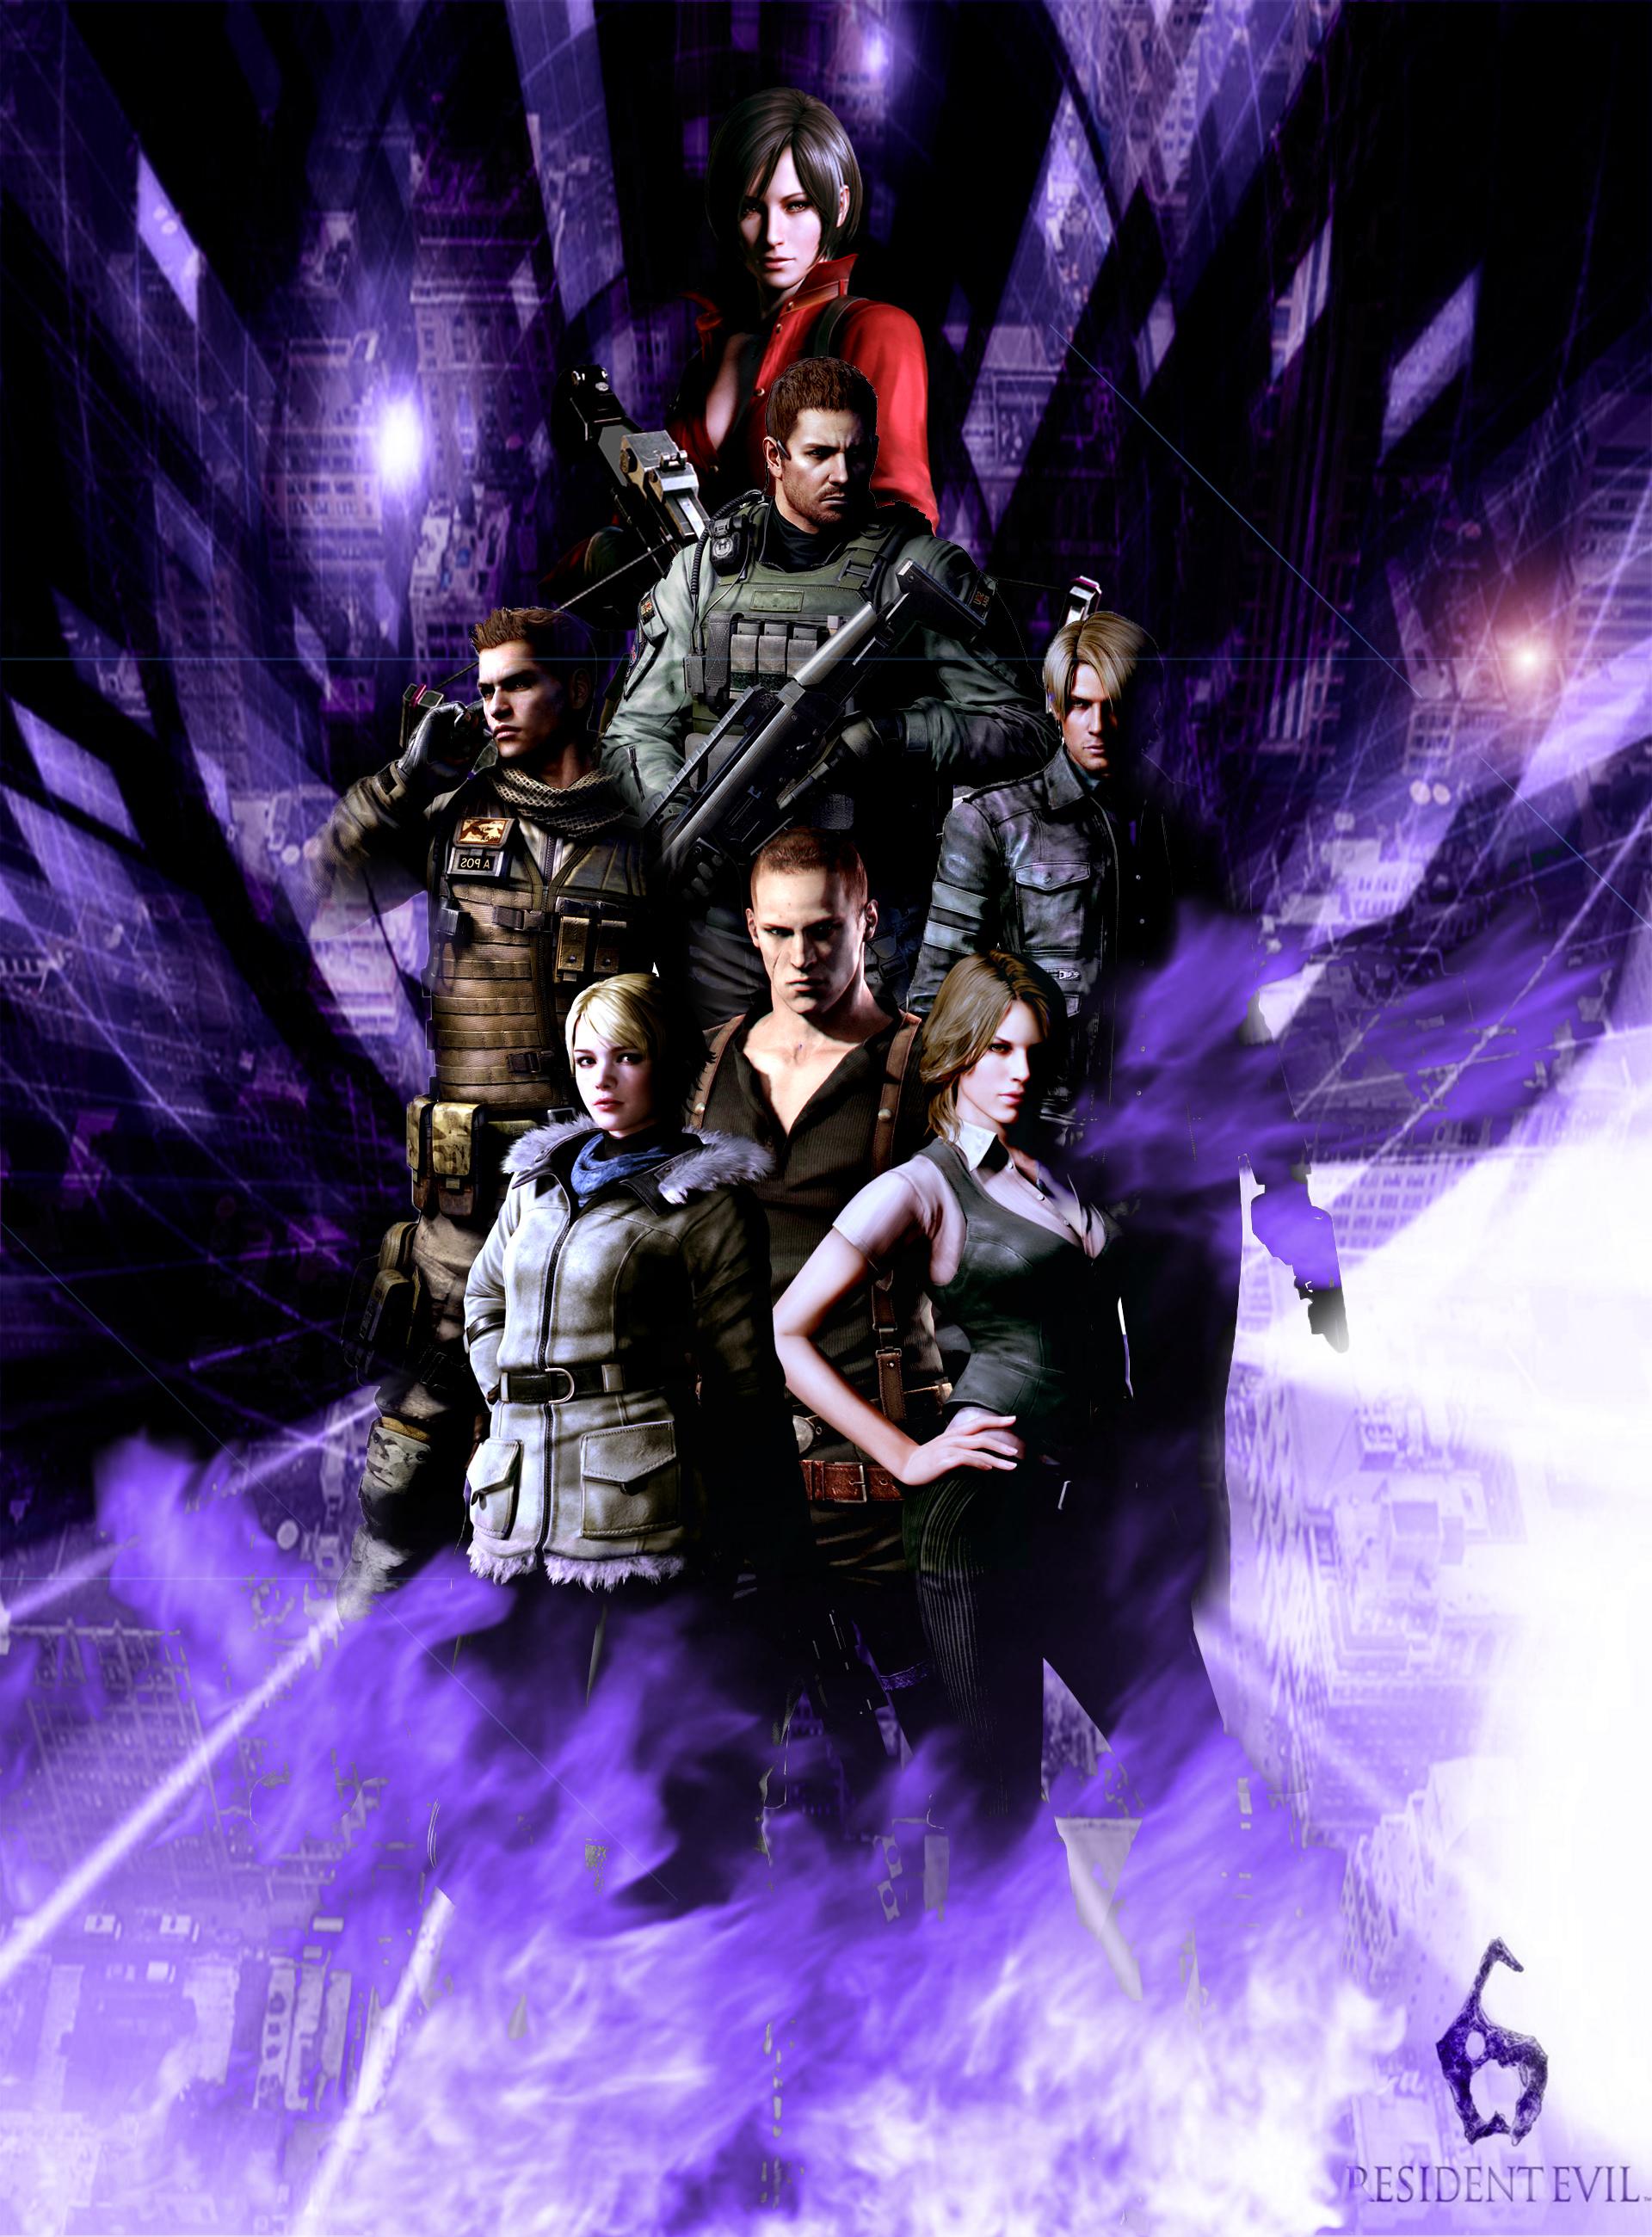 Resident Evil 6 Elicottero : Resident evil wallpaper by germanwallpaper on deviantart